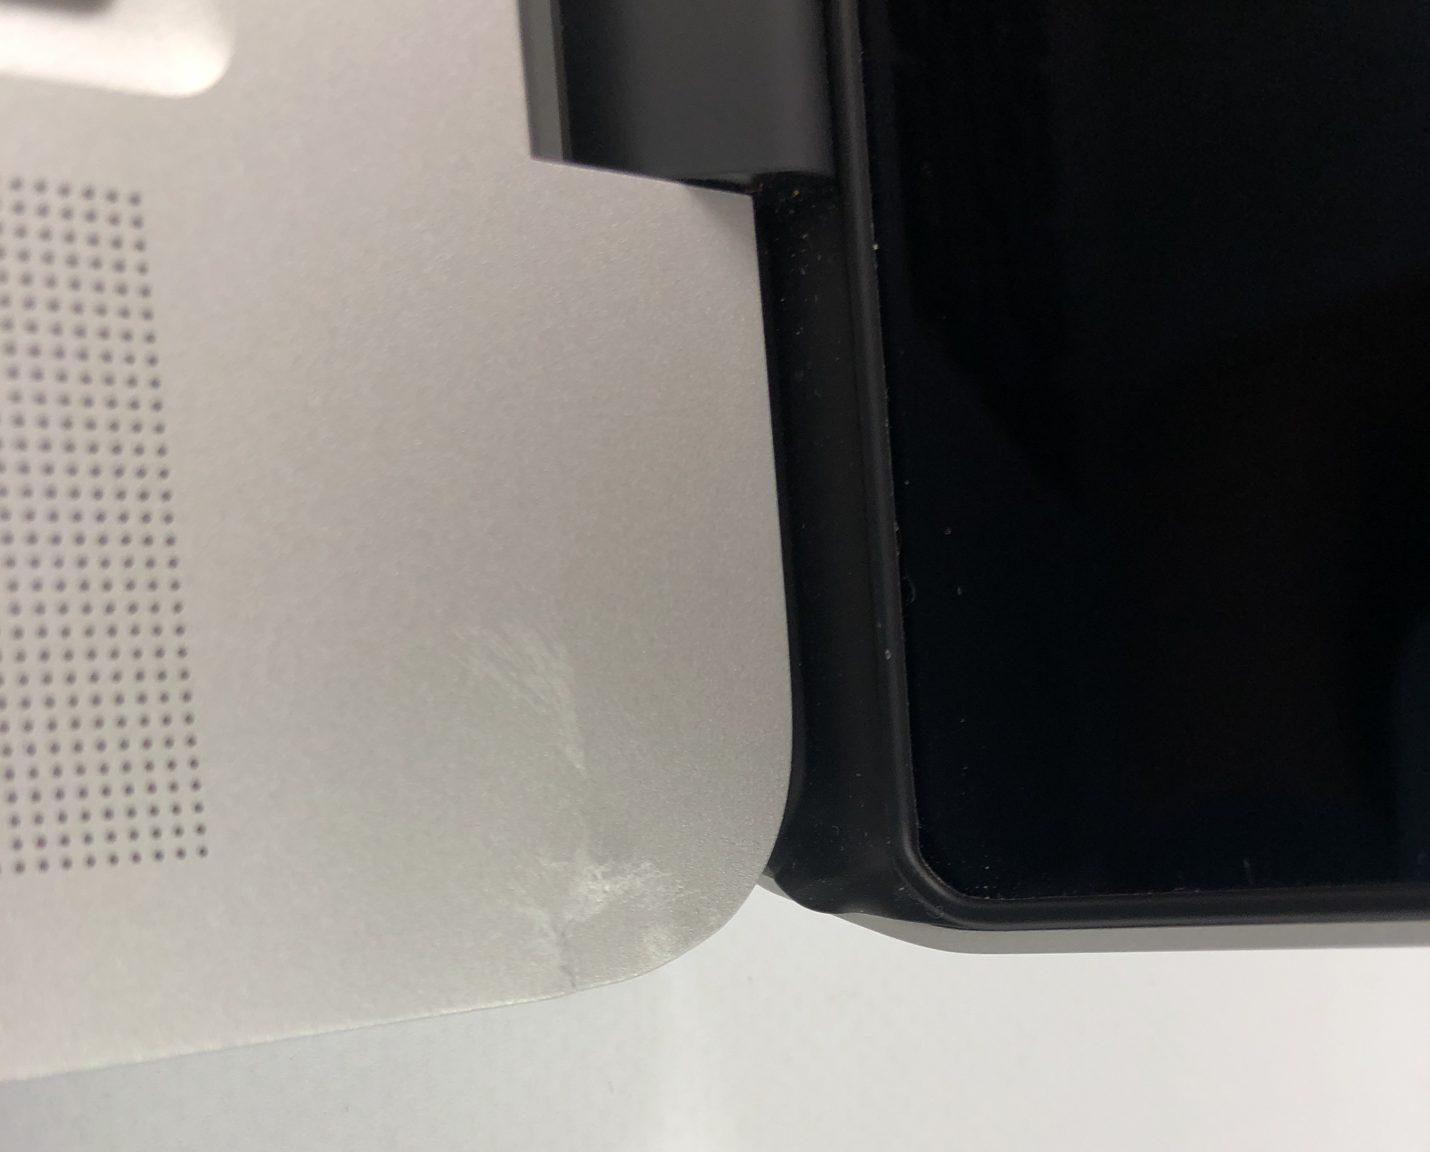 """MacBook Pro Retina 15"""" Mid 2015 (Intel Quad-Core i7 2.5 GHz 16 GB RAM 512 GB SSD), Intel Quad-Core i7 2.5 GHz, 16 GB RAM, 512 GB SSD, bild 5"""